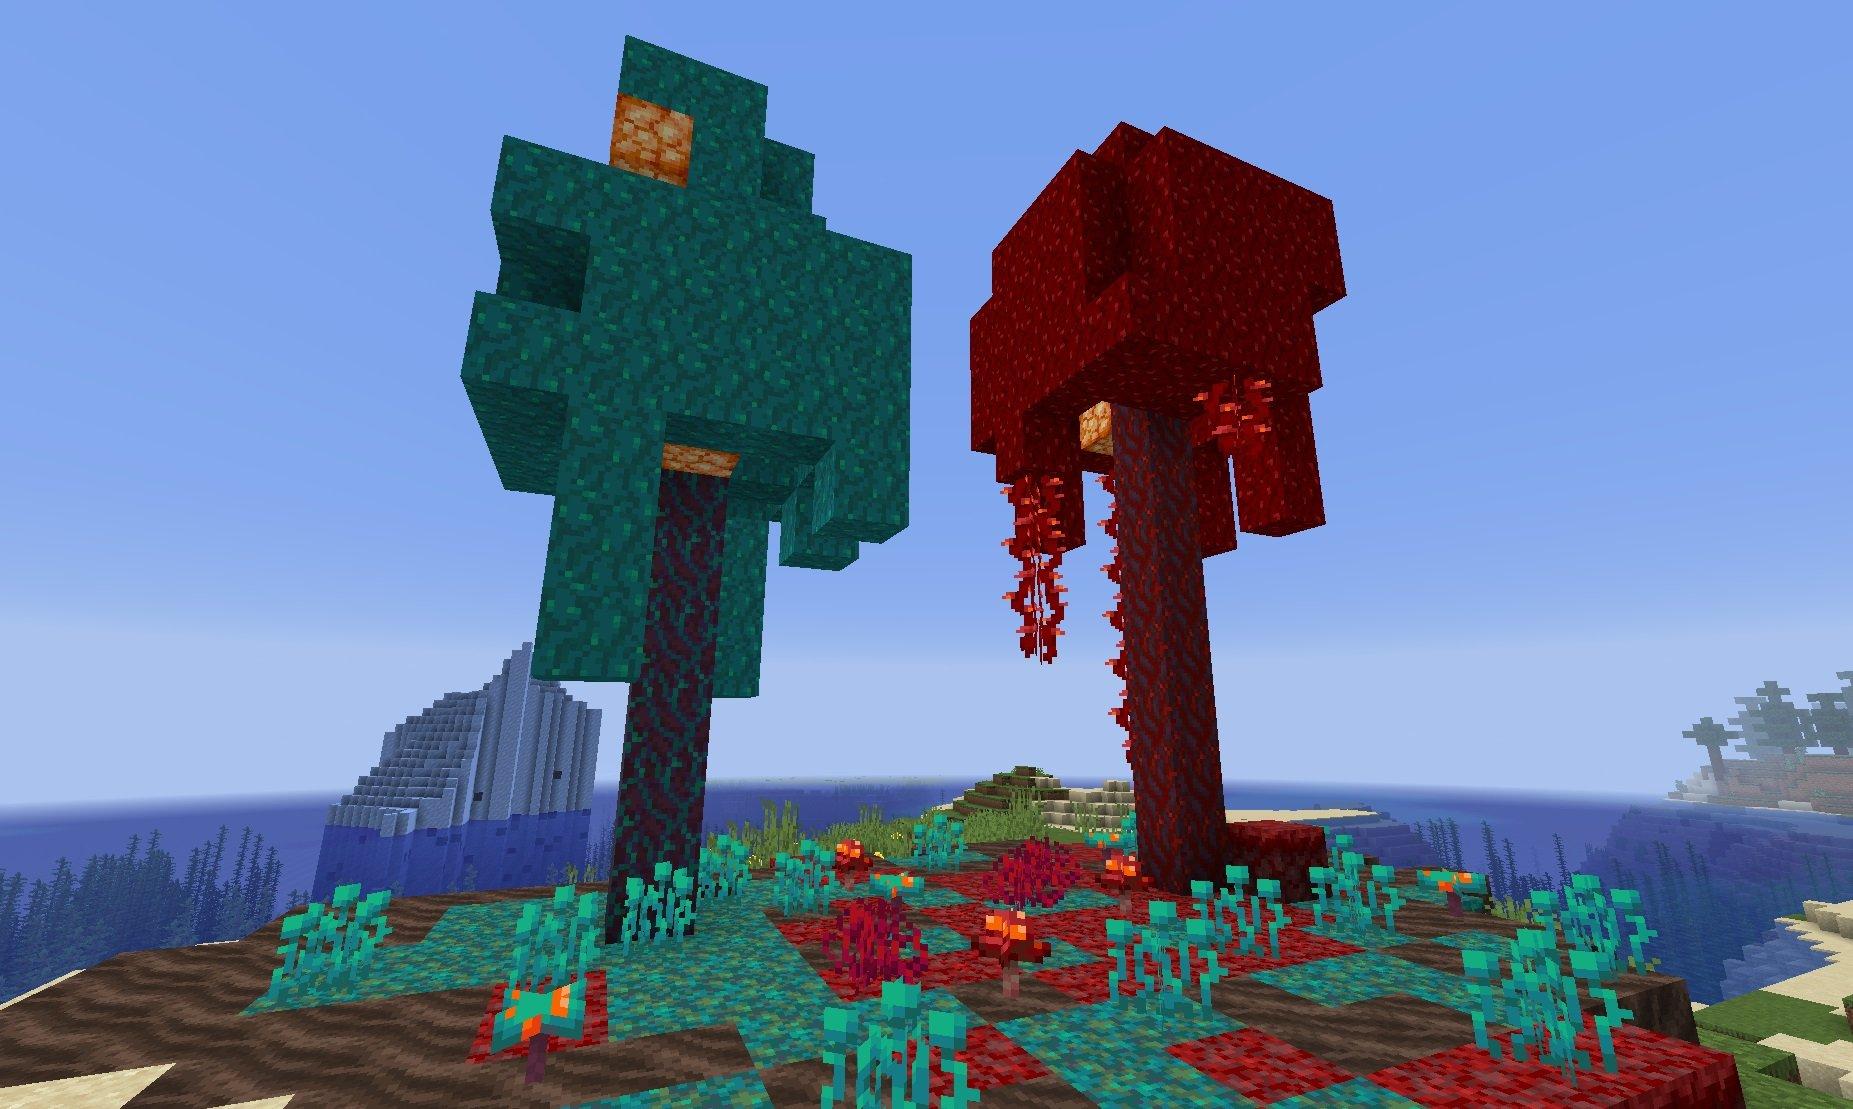 szkarlatne wypaczone grzyby lasu netheru minecraft